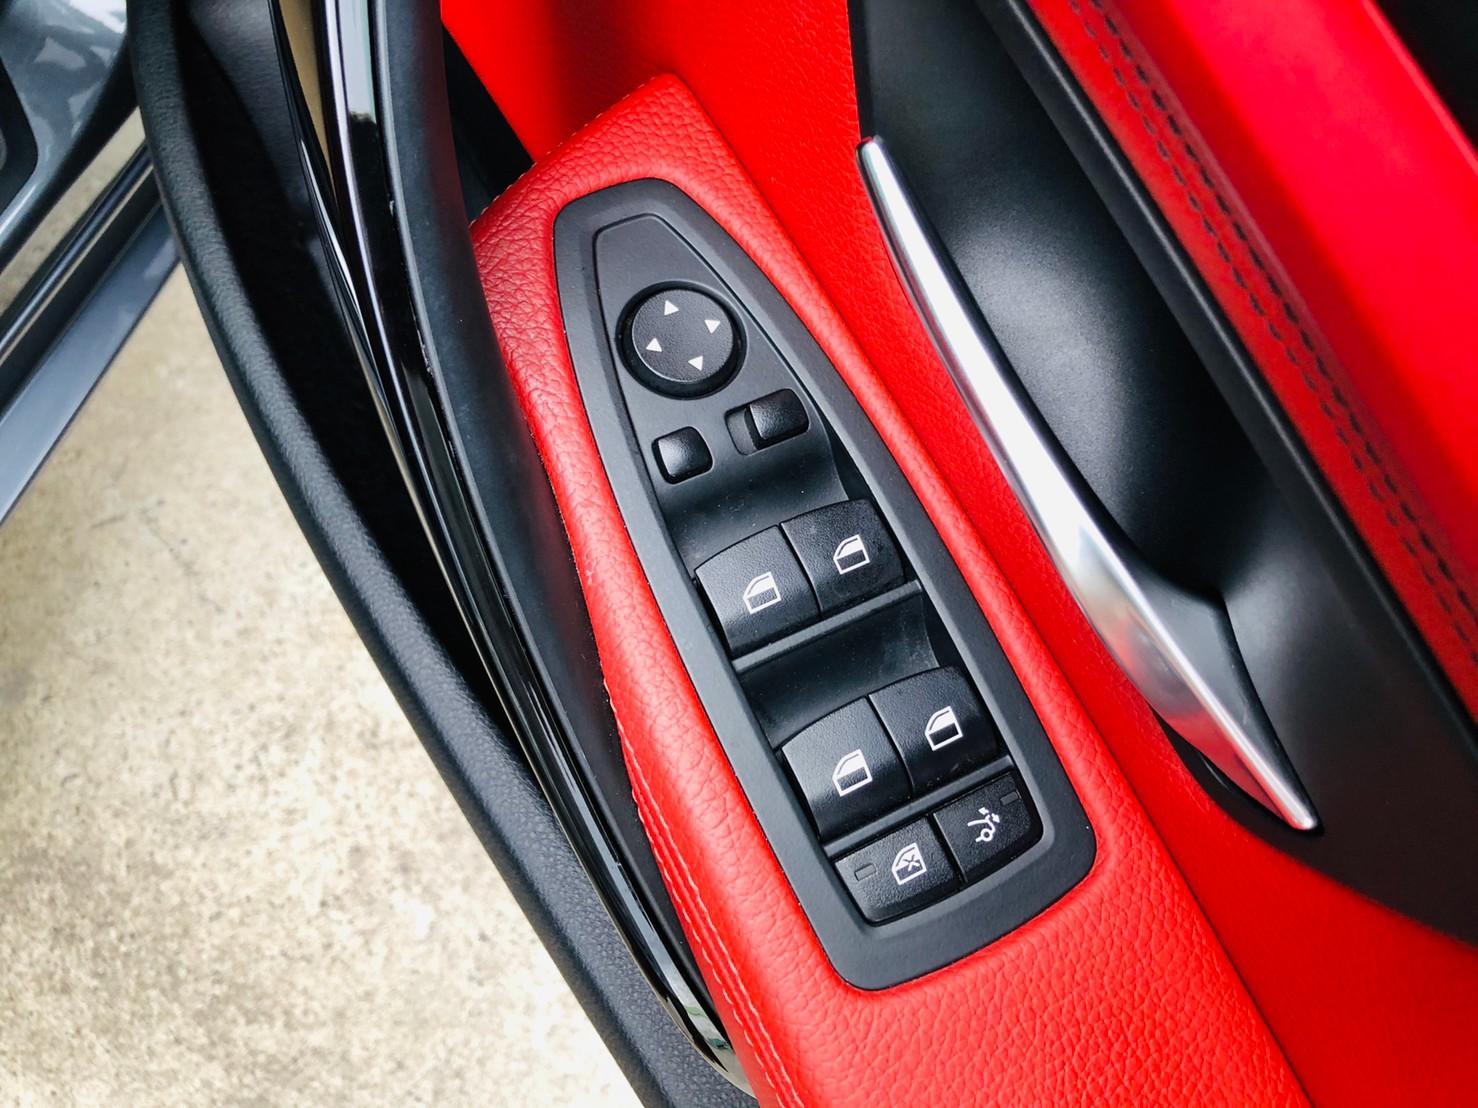 ภาพกระจกปรับไฟฟ้า บีเอ็มดับบลิว ซีรีส์ 3 320D Gt Sport ปี 2015